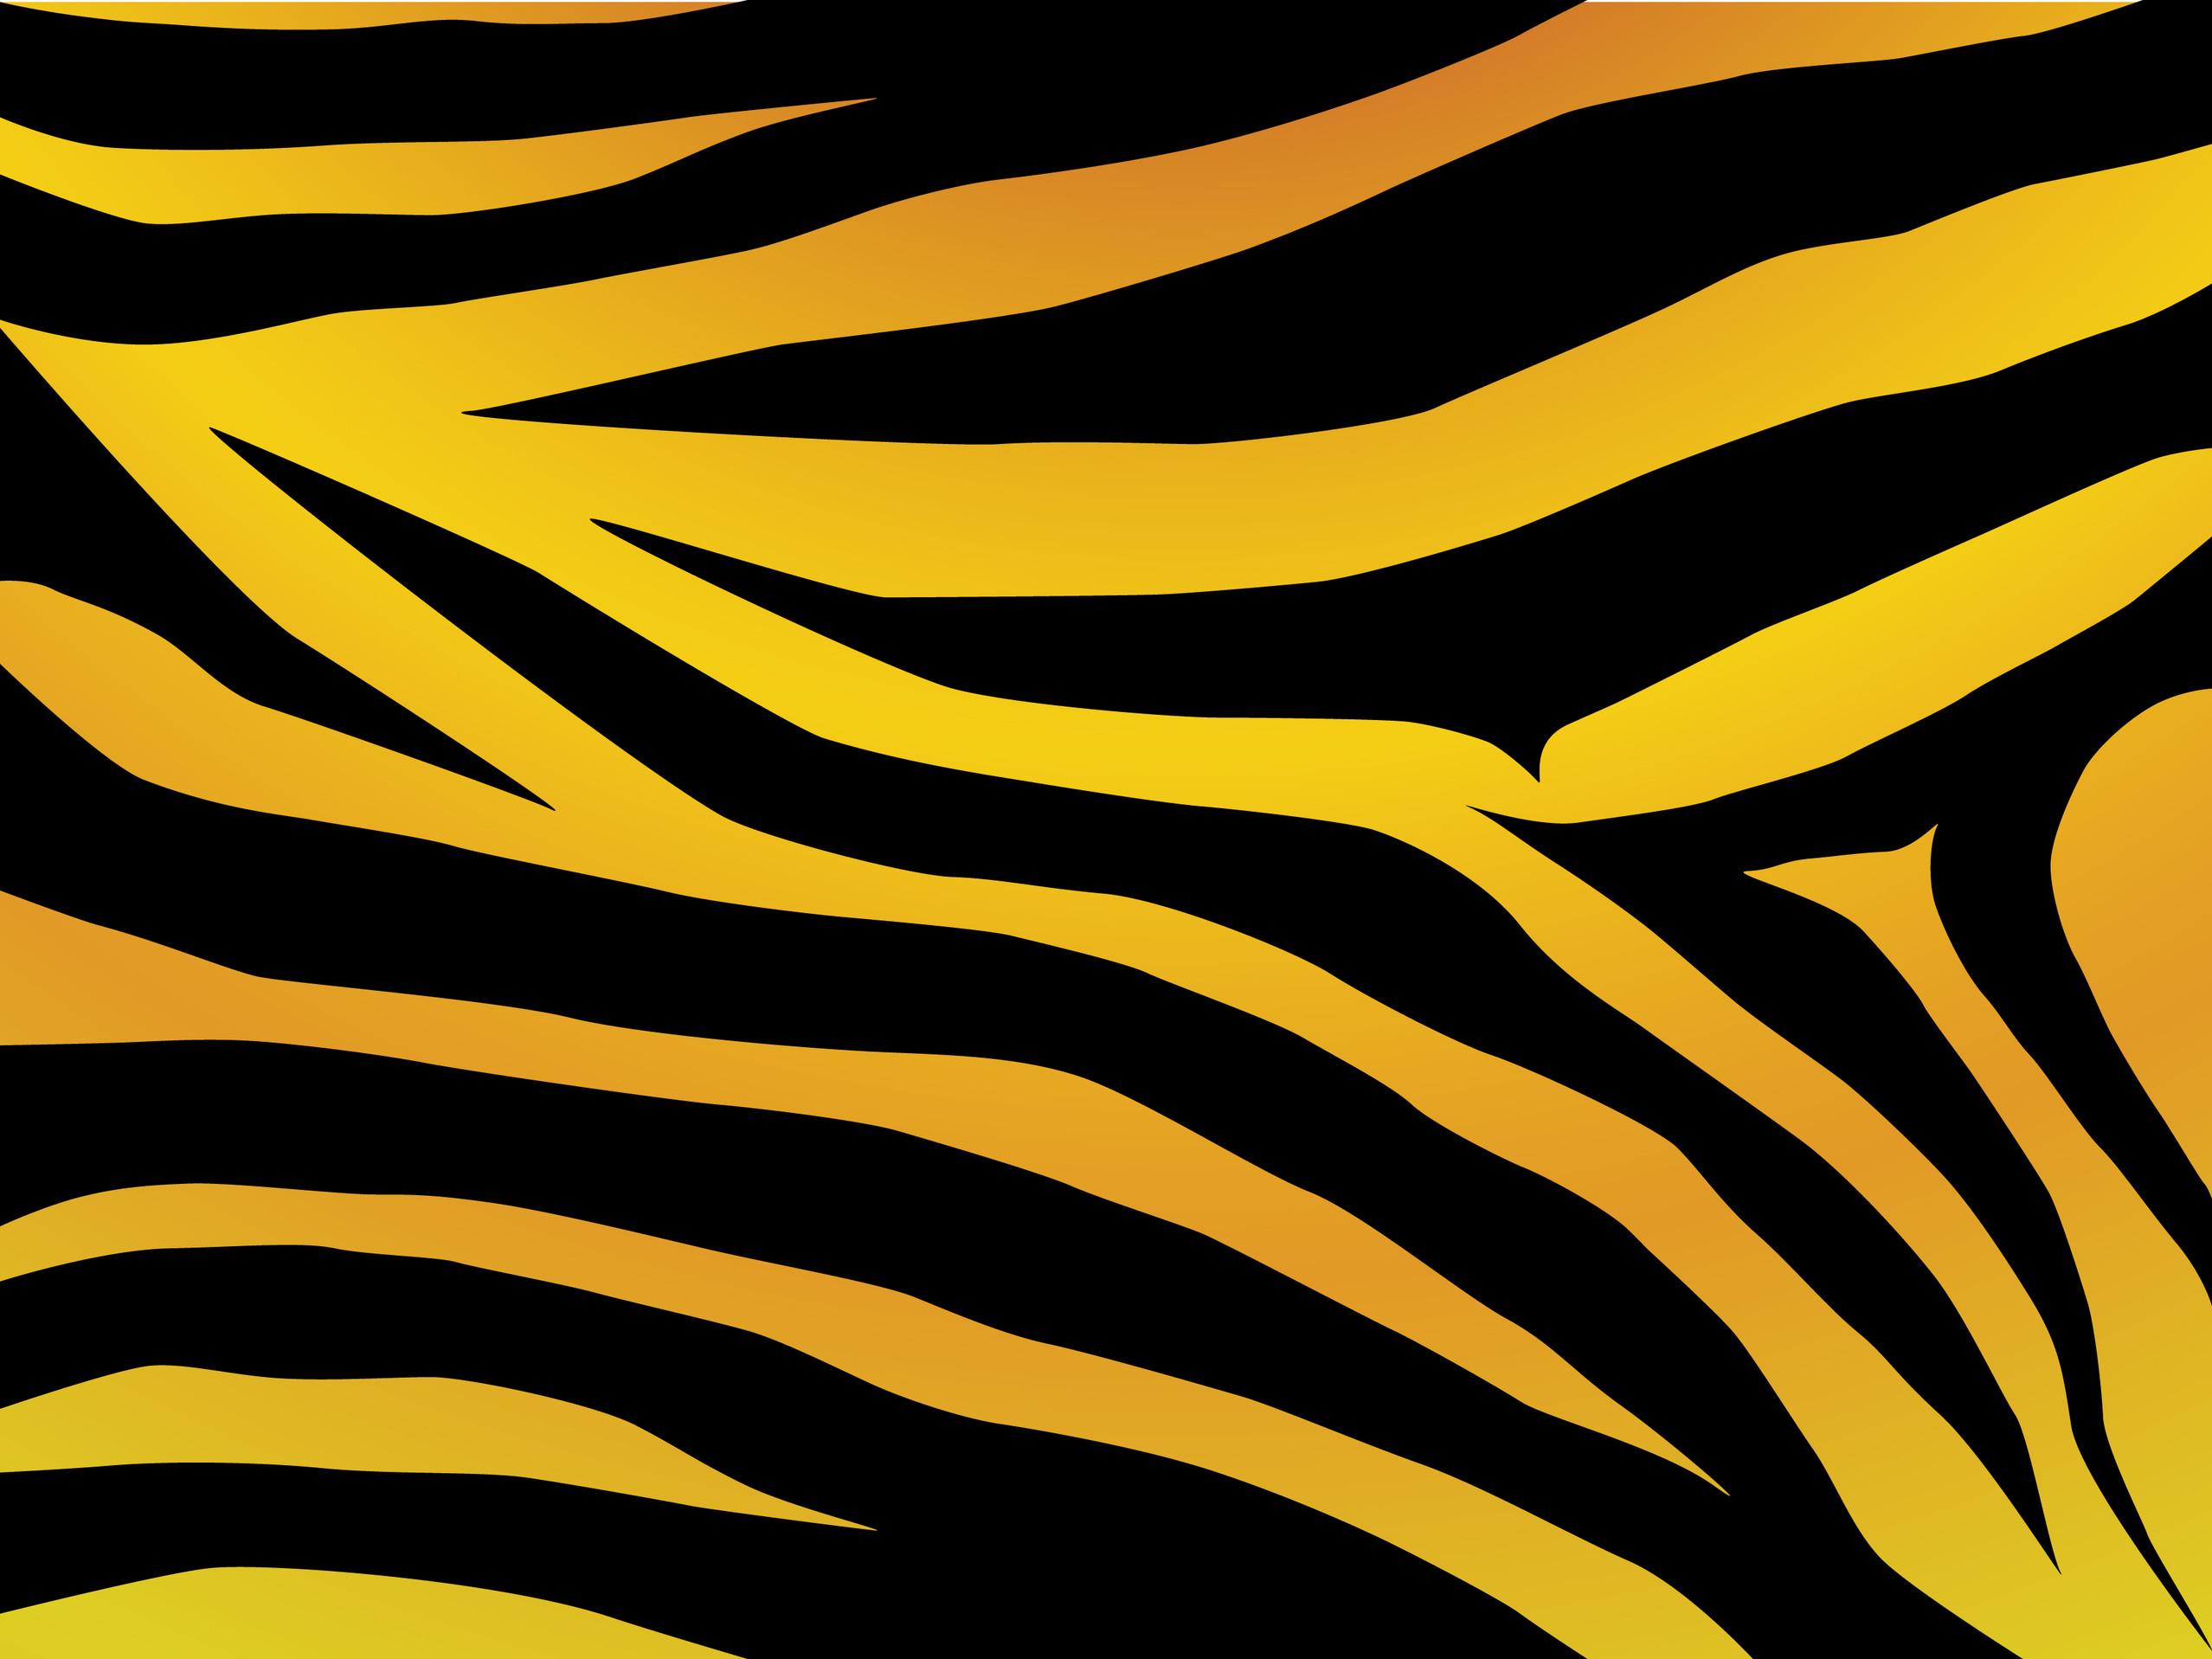 Tiger Print Clip Art.